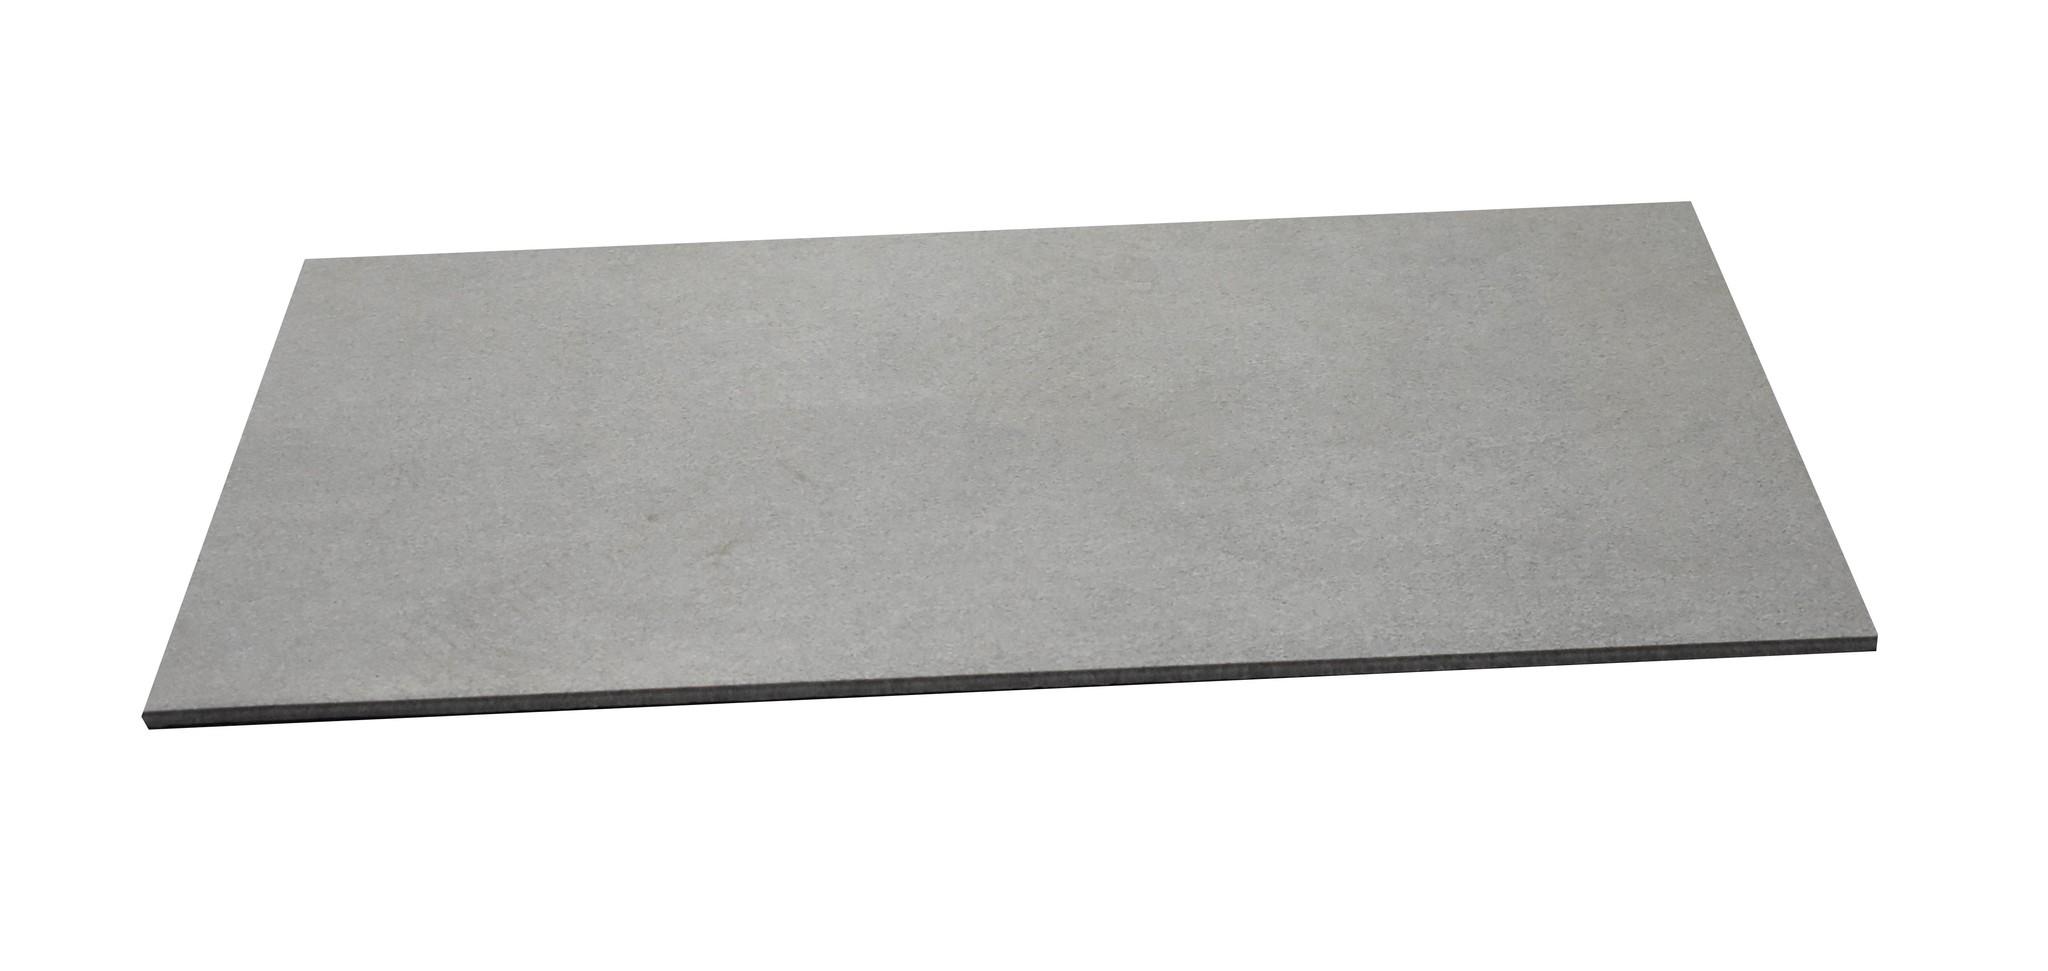 Dalles de sol Basalt Grey